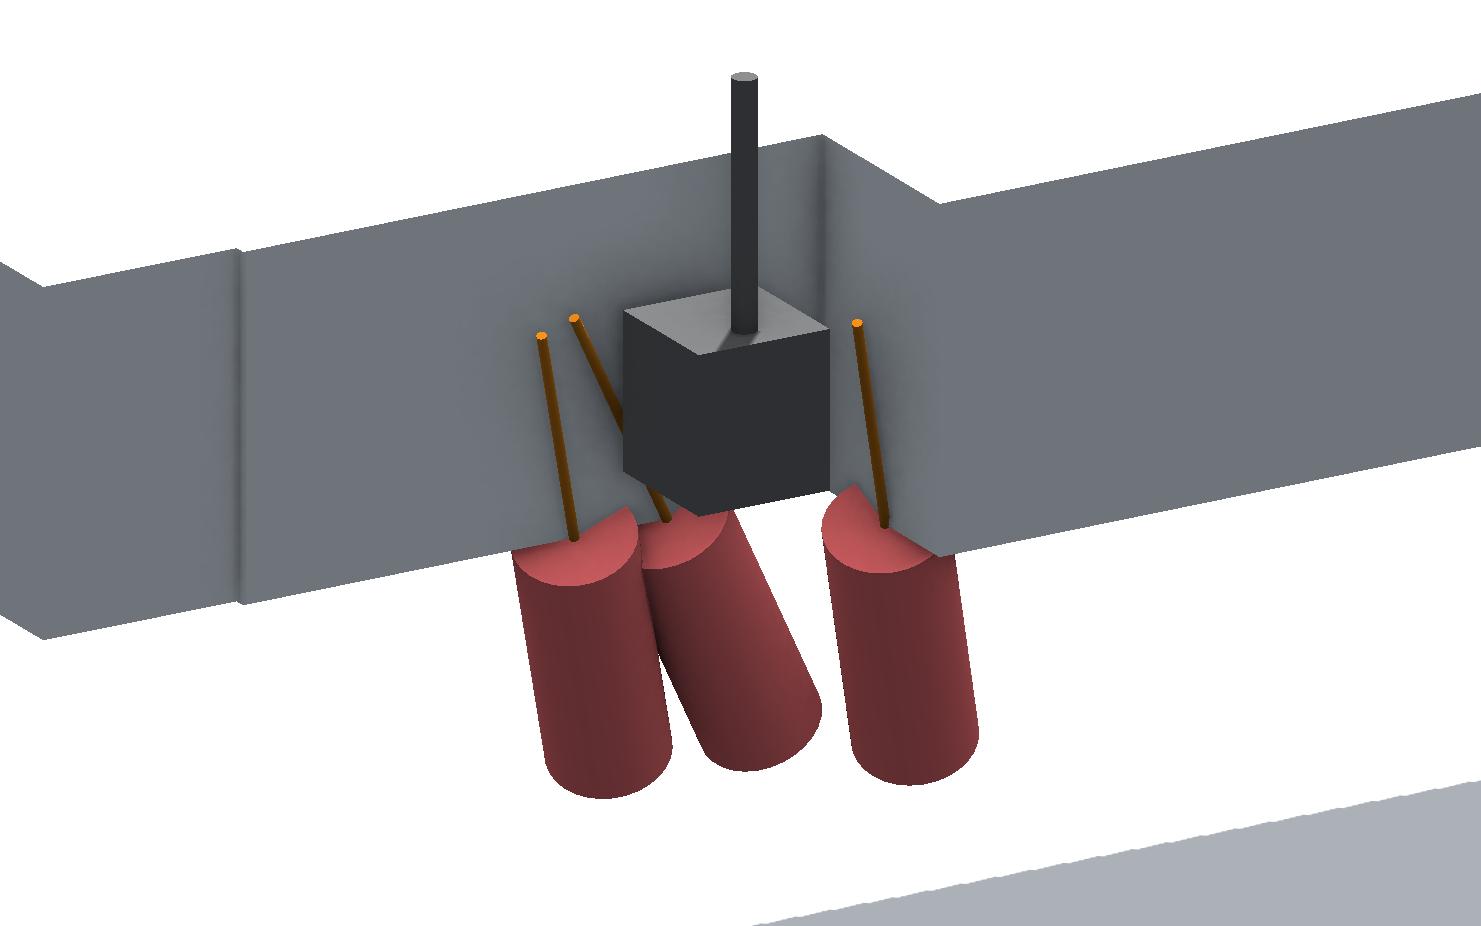 Geotechnisches-Bauwerks-Modell - DSV-Unterfangung